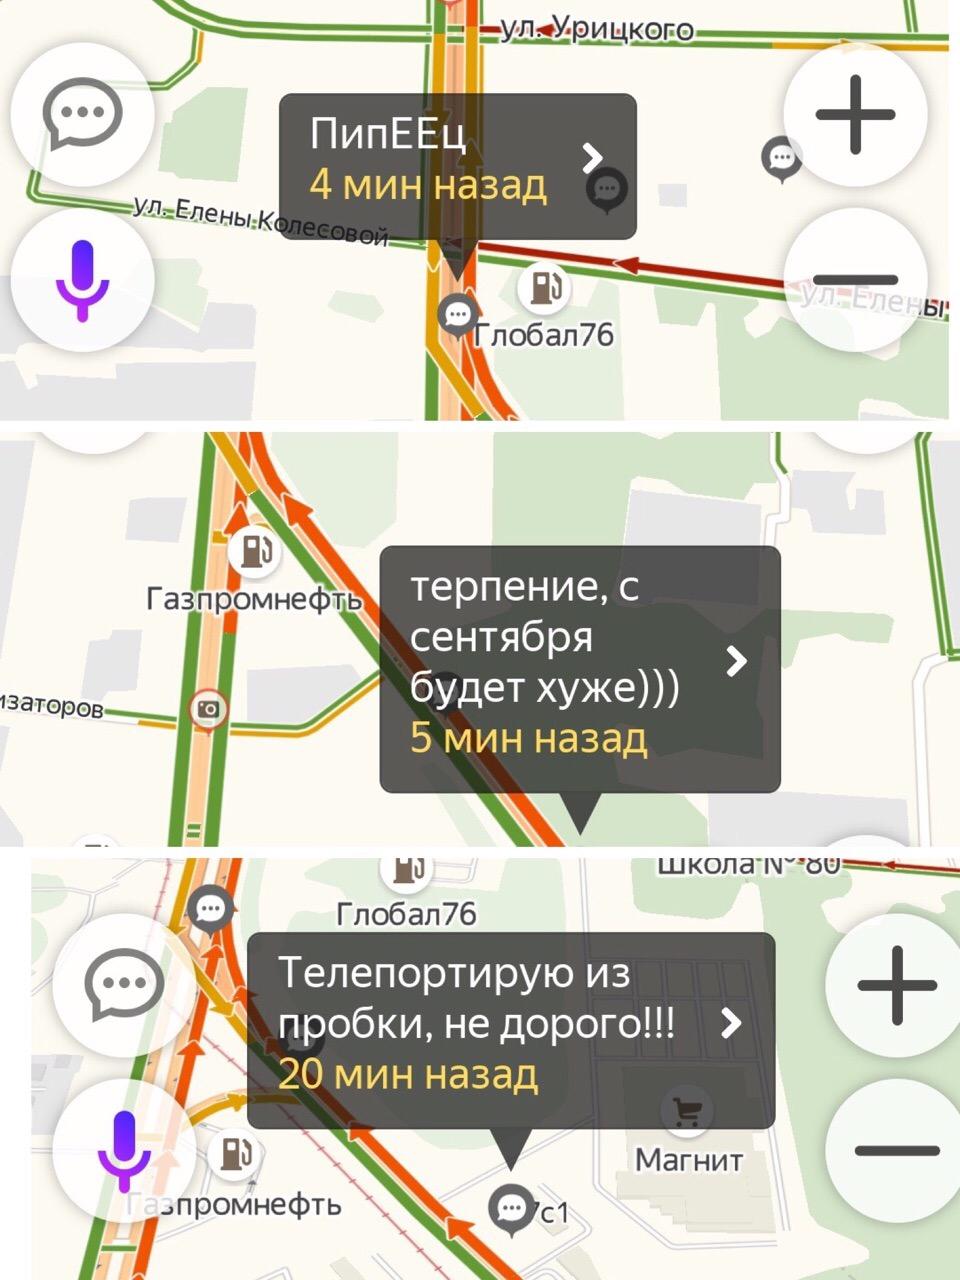 Водители пишут и с Ленинградского проспекта перед улицей Елены Колесовой, с которой тоже идёт поток машин